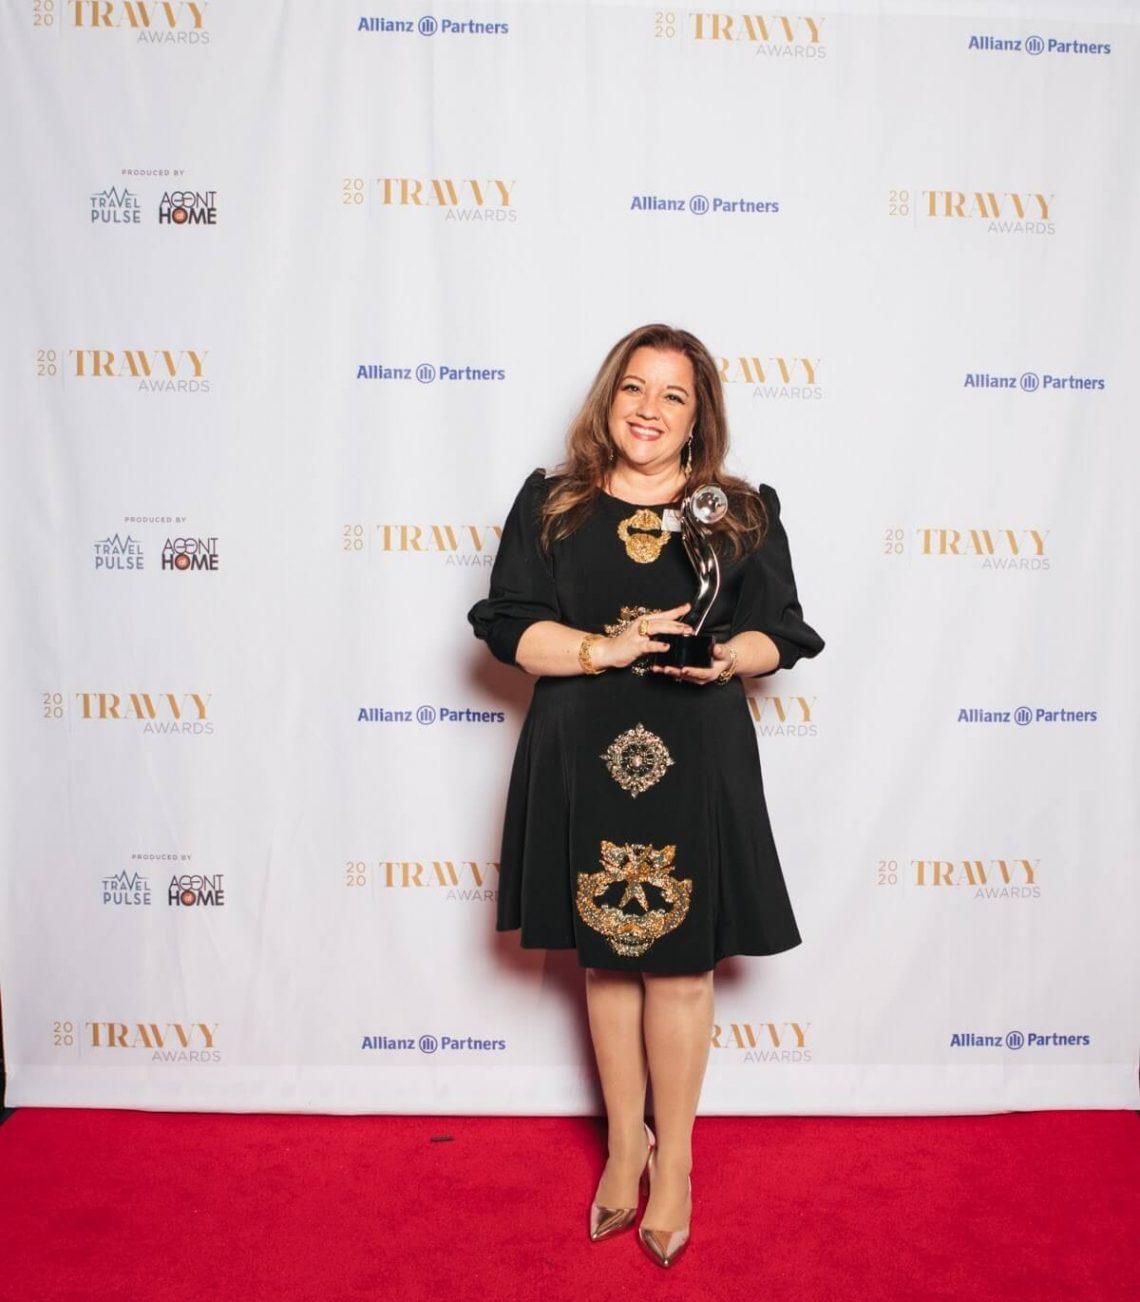 هيئة السياحة في مالطا بأمريكا الشمالية تفوز بجائزة تراففي الفضية لأفضل وجهة أوروبية